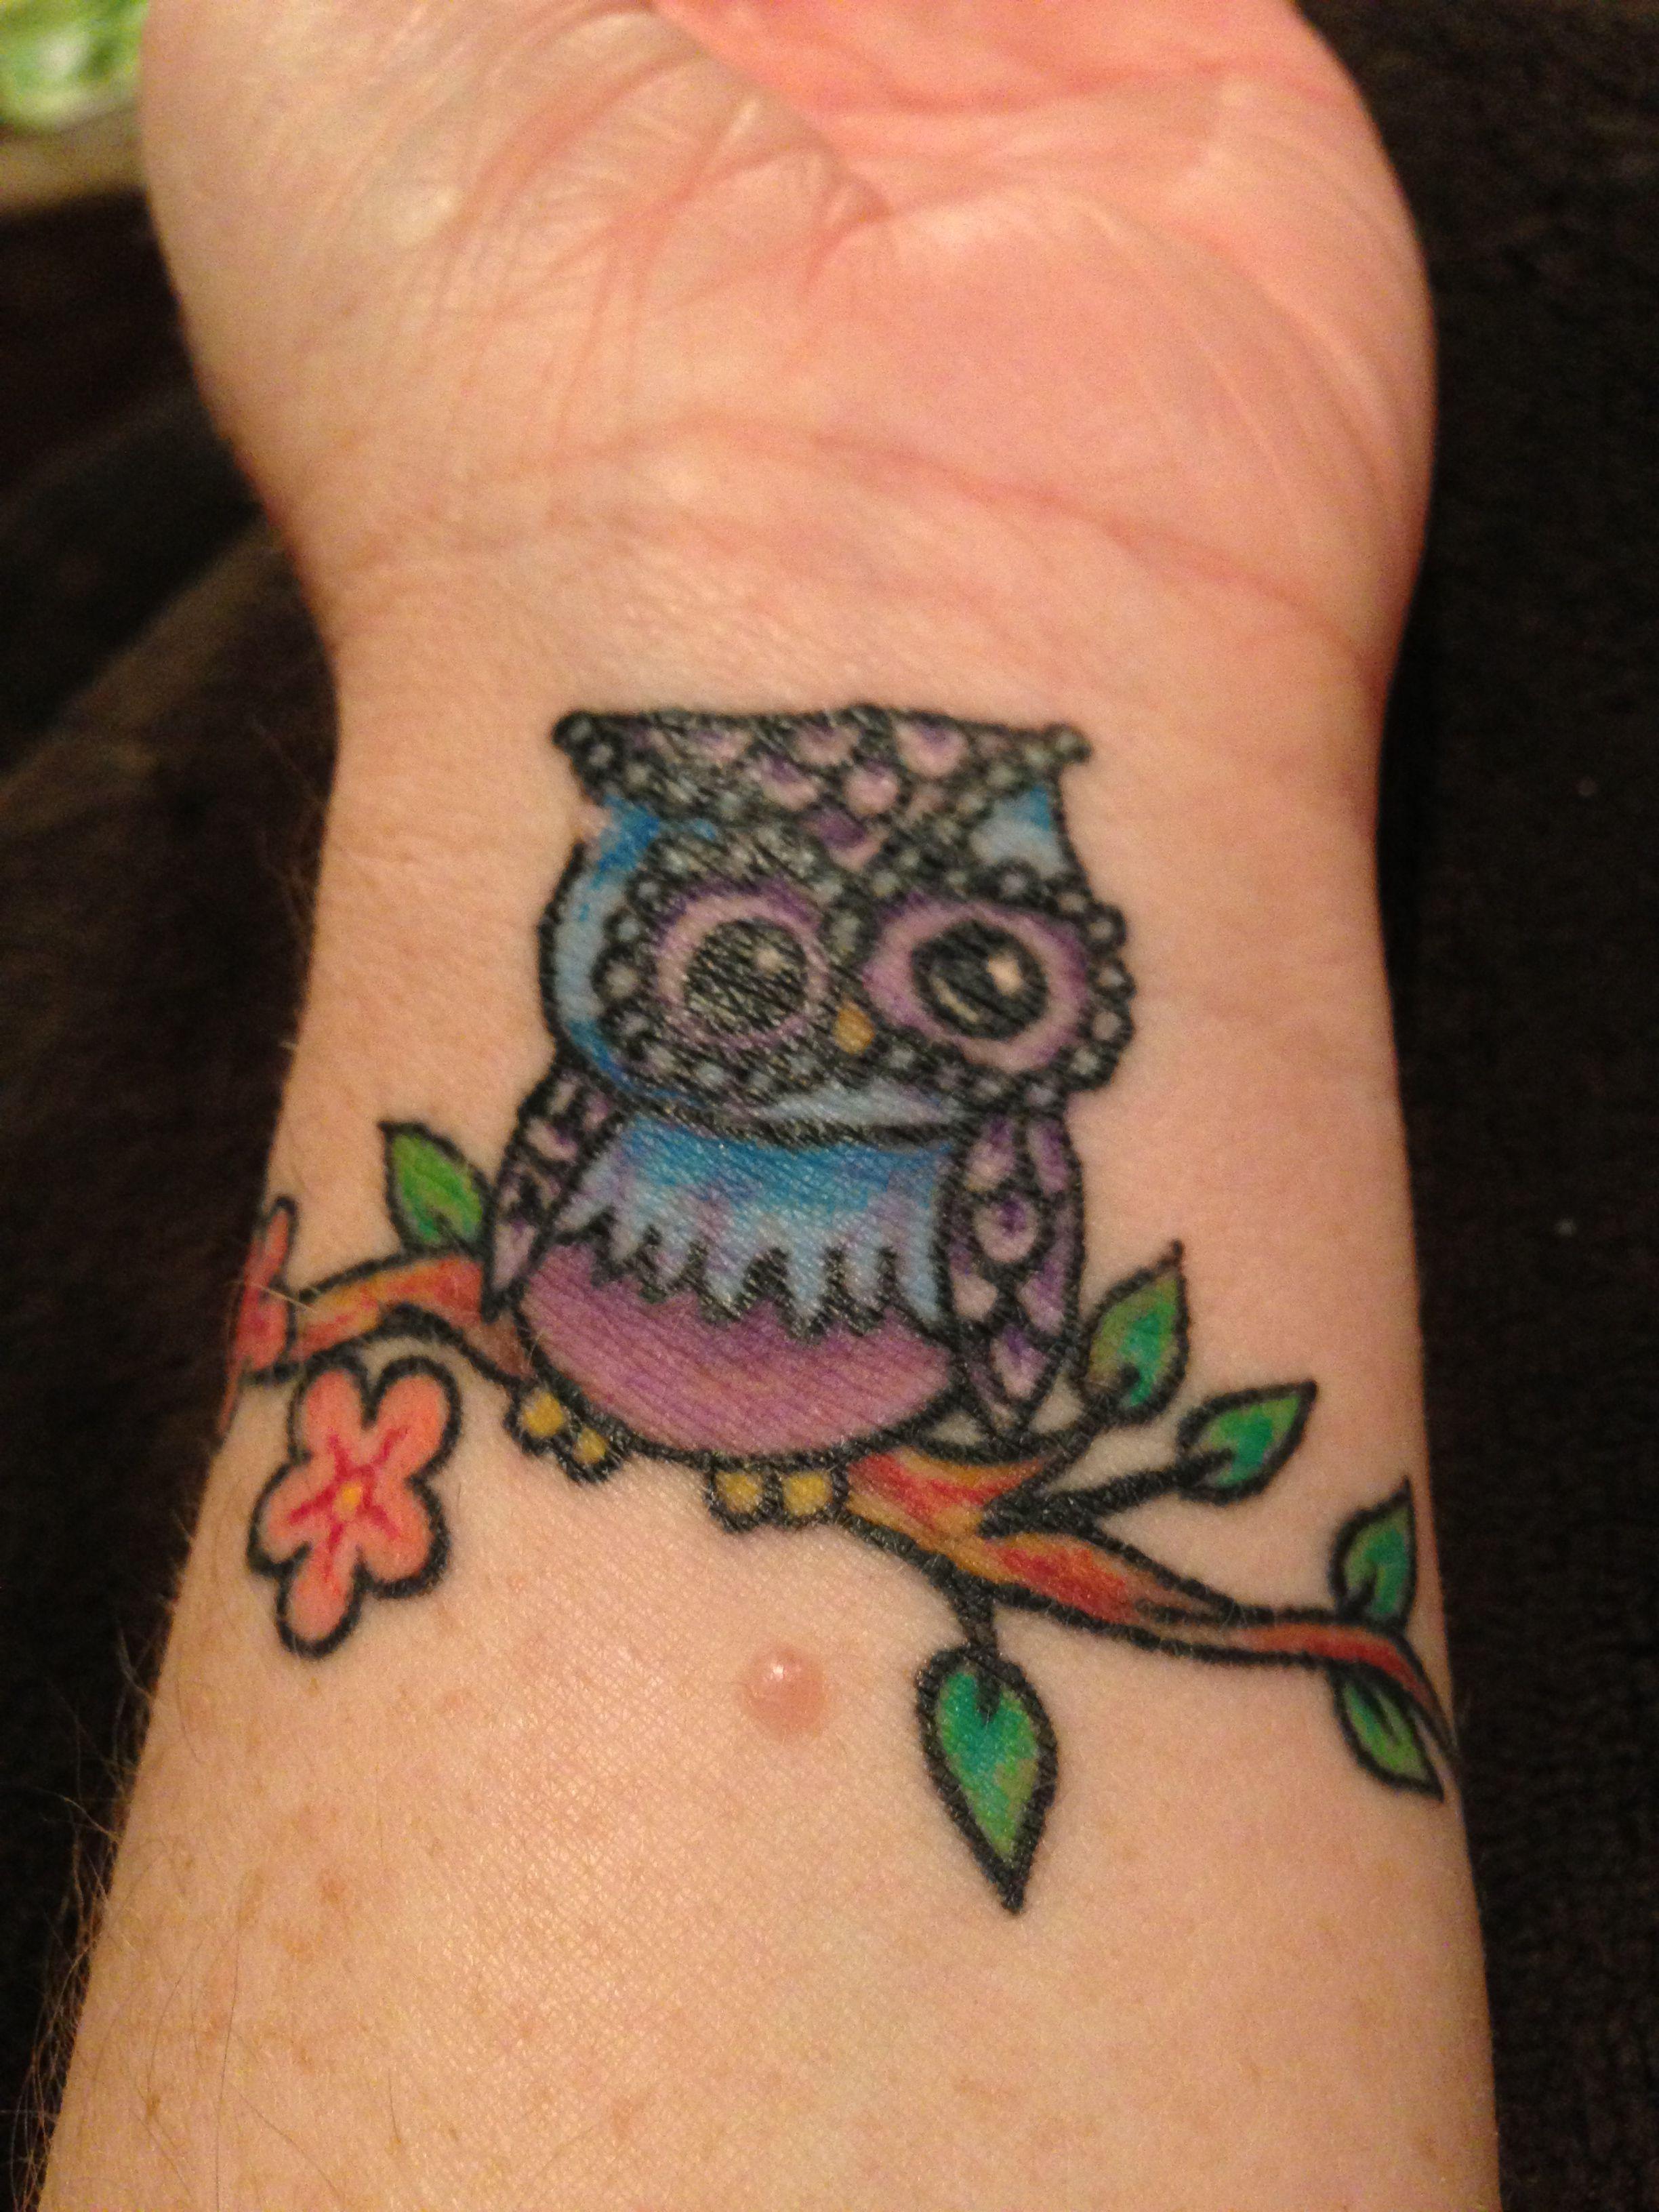 Owl Tattoos On Wrist: My New Owl Wrist Tattoo